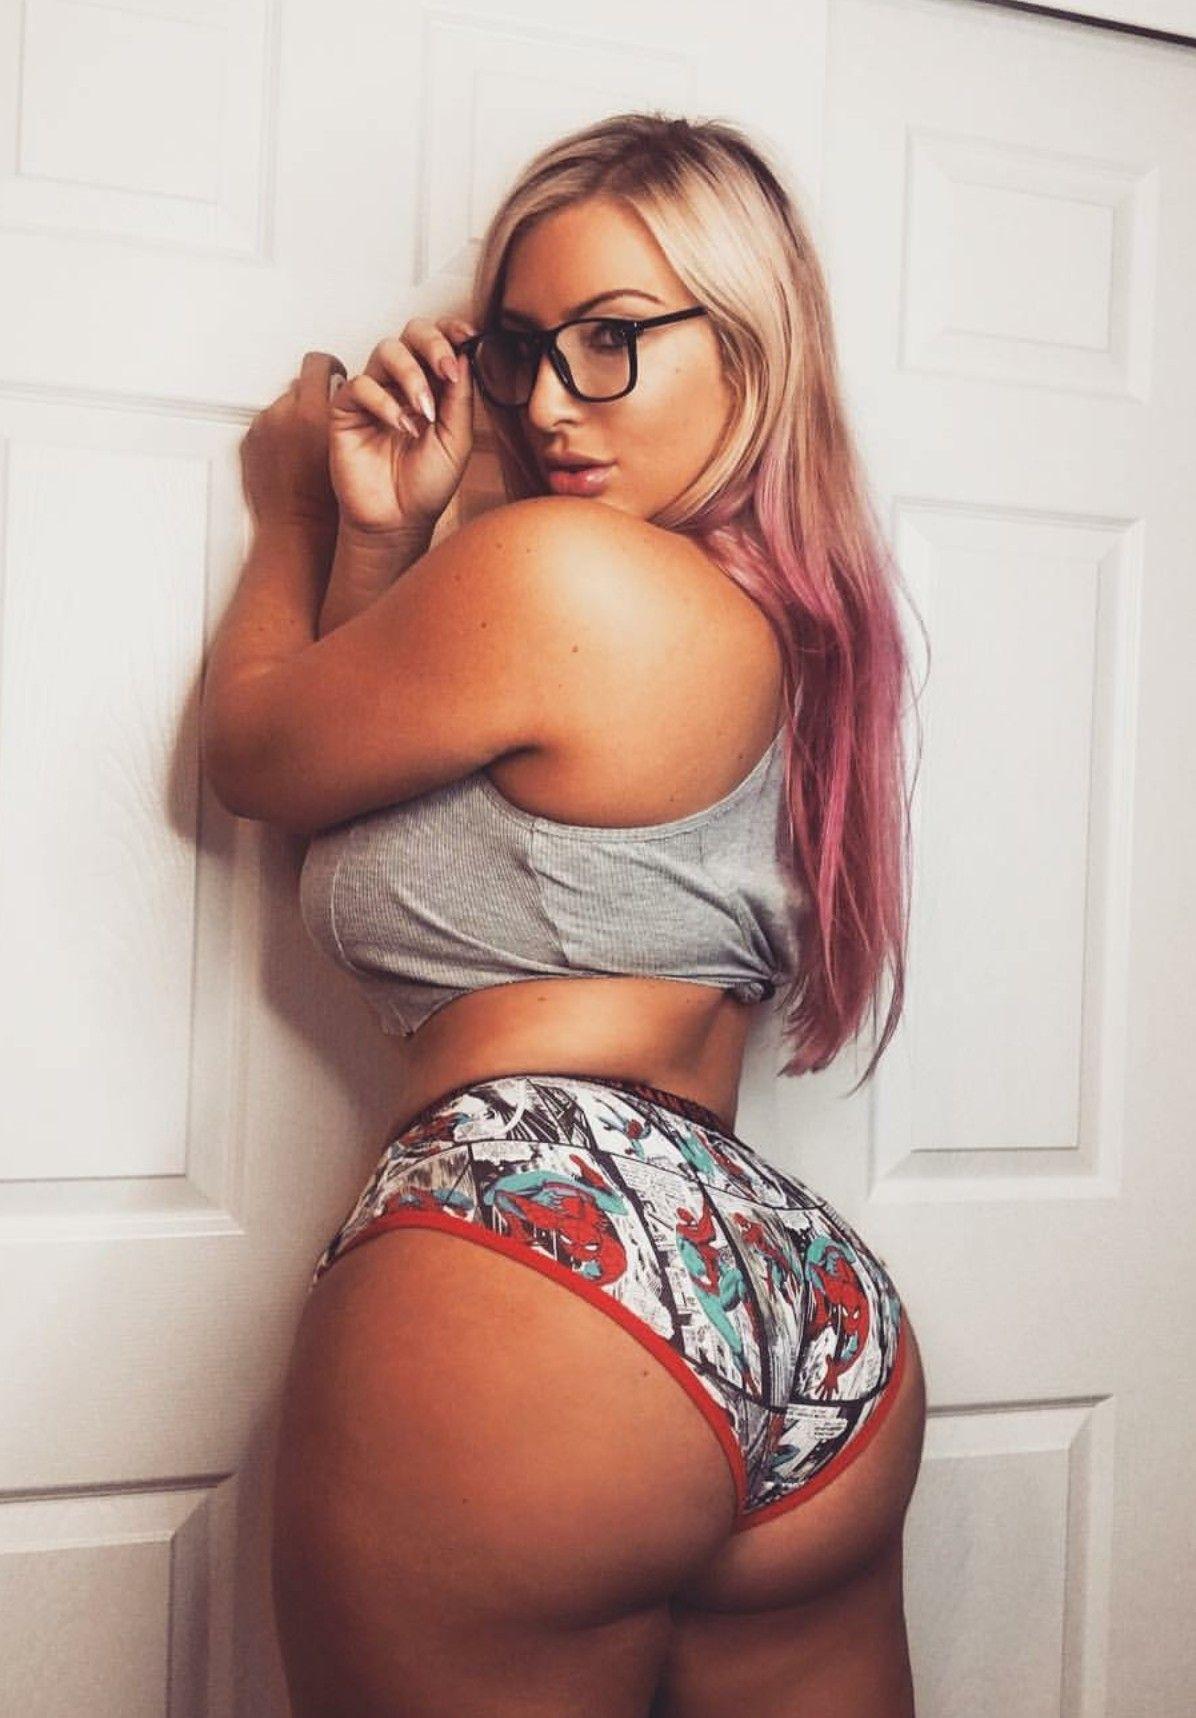 ugly girl fuck sex